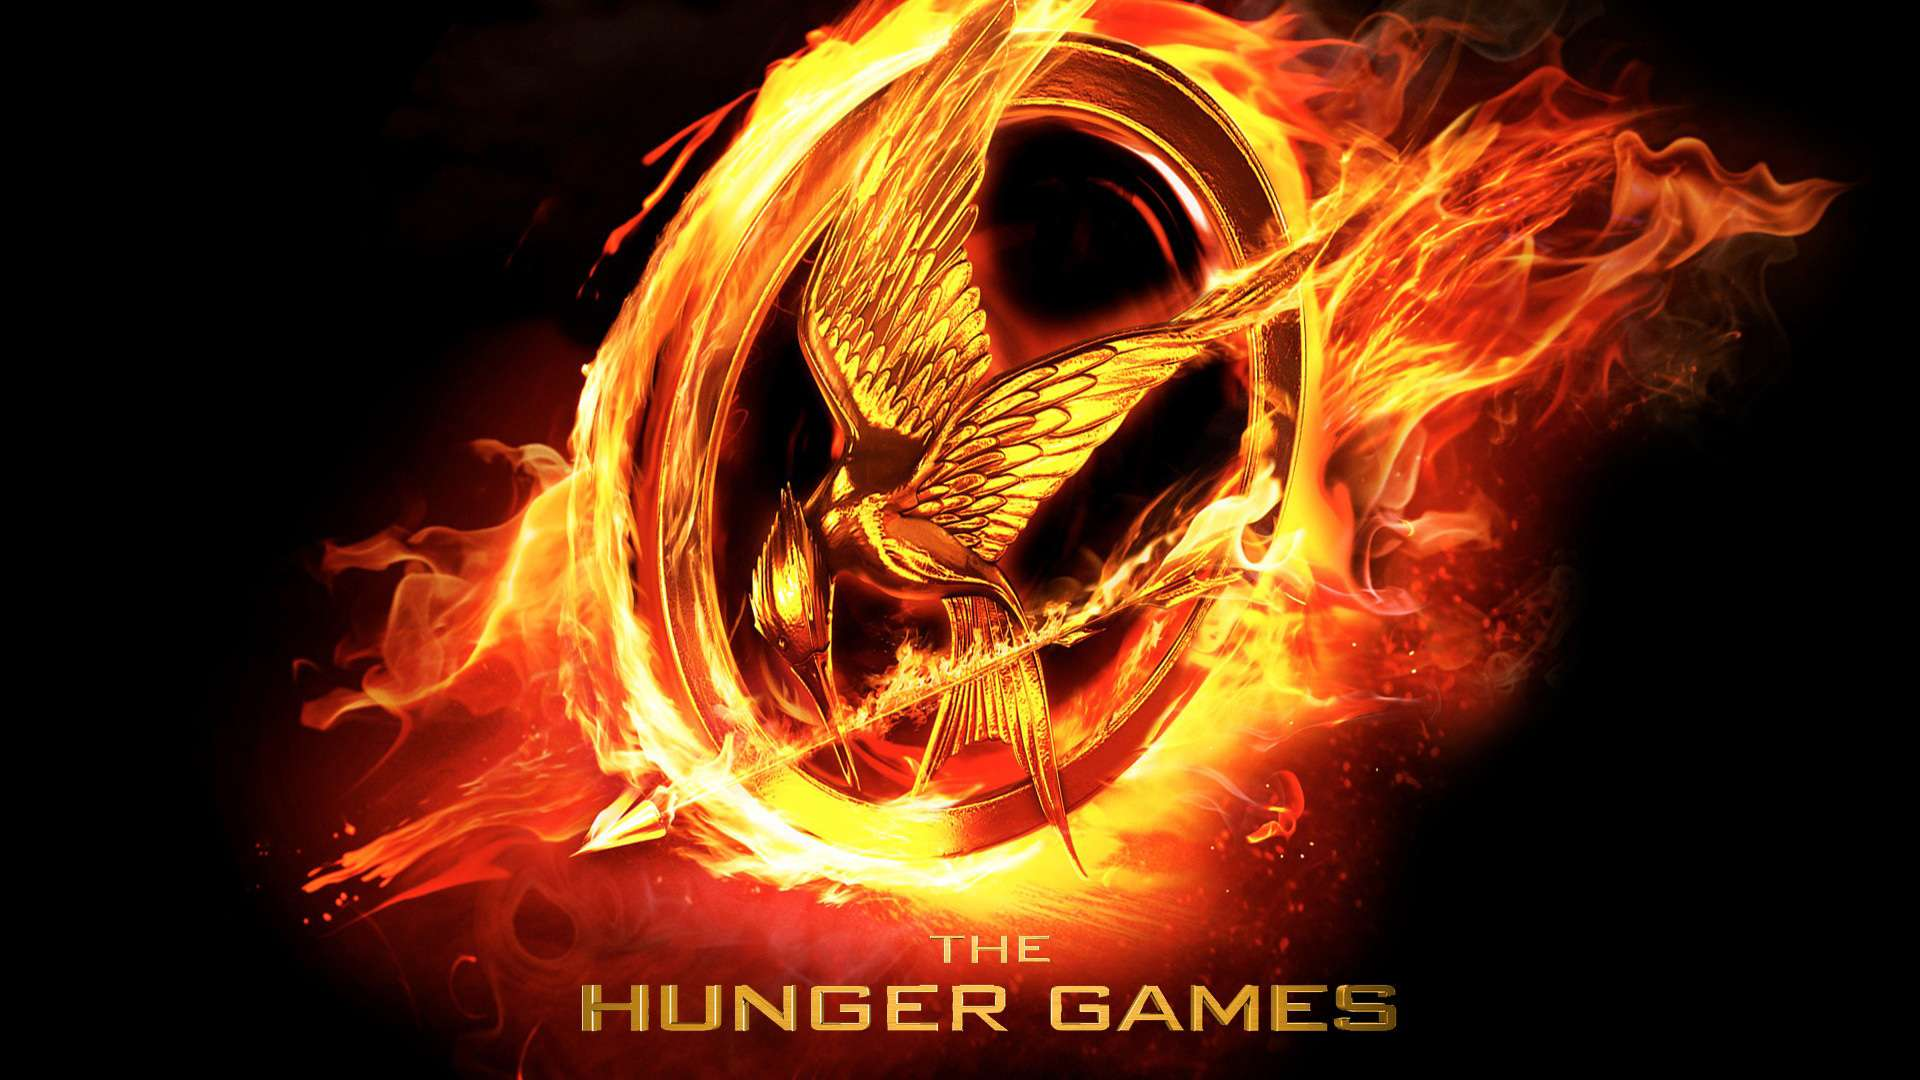 Açlık Oyunları 1 (The Hunger Games) Türkçe Dublaj Full İndir